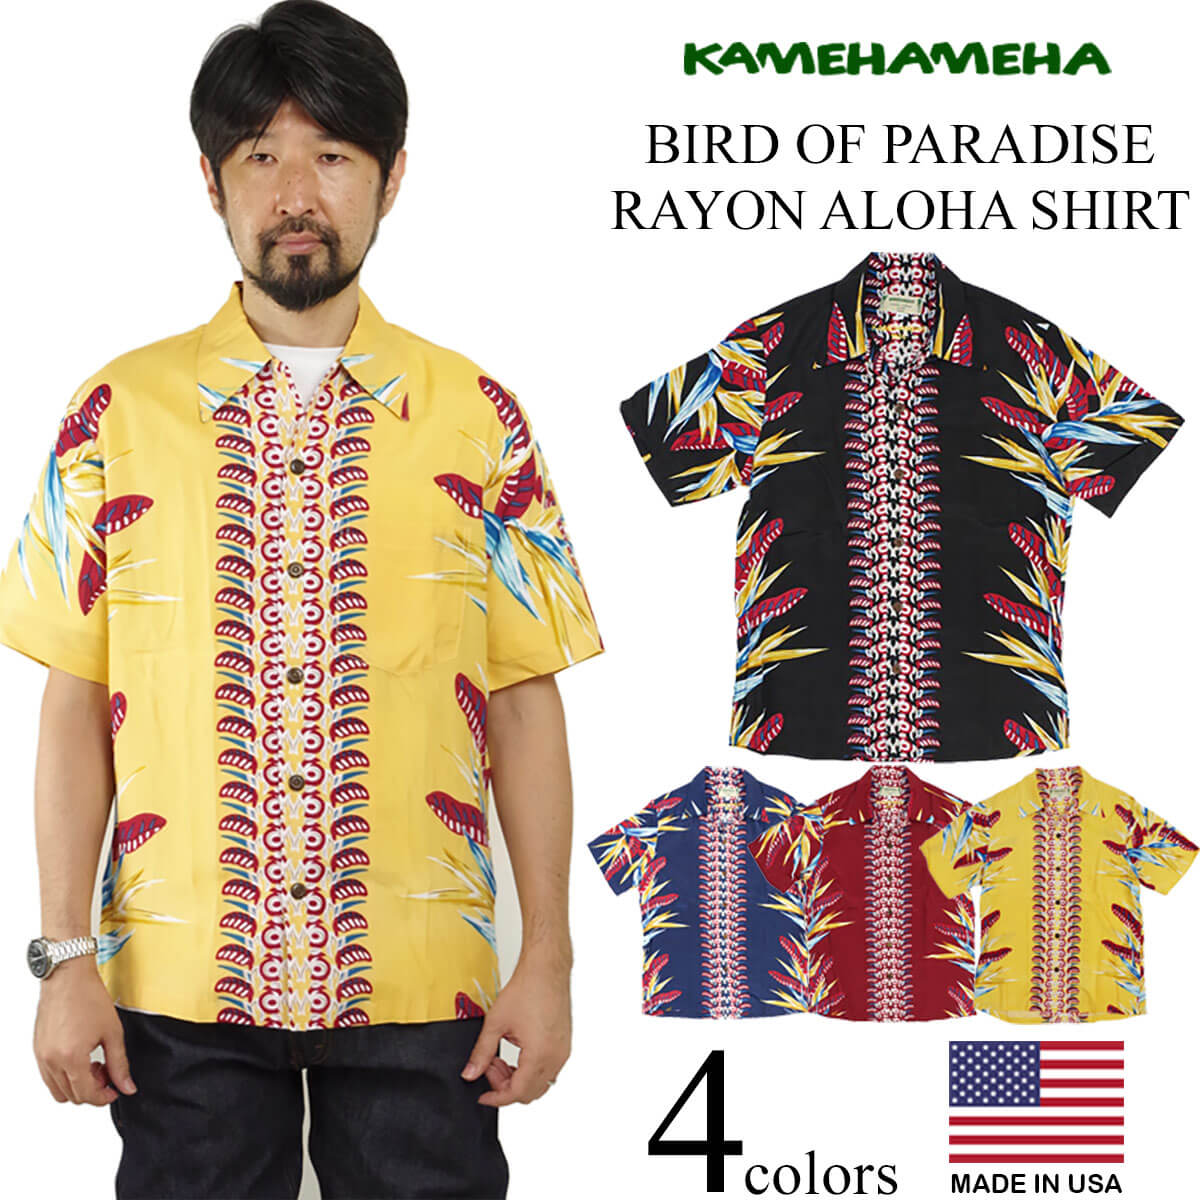 カメハメハ KAMEHAMEHA 半袖 アロハシャツ バードオブパラダイス ハワイ製 (アメリカ製 米国製 BIRD OF PARADISE 開襟 レーヨン)